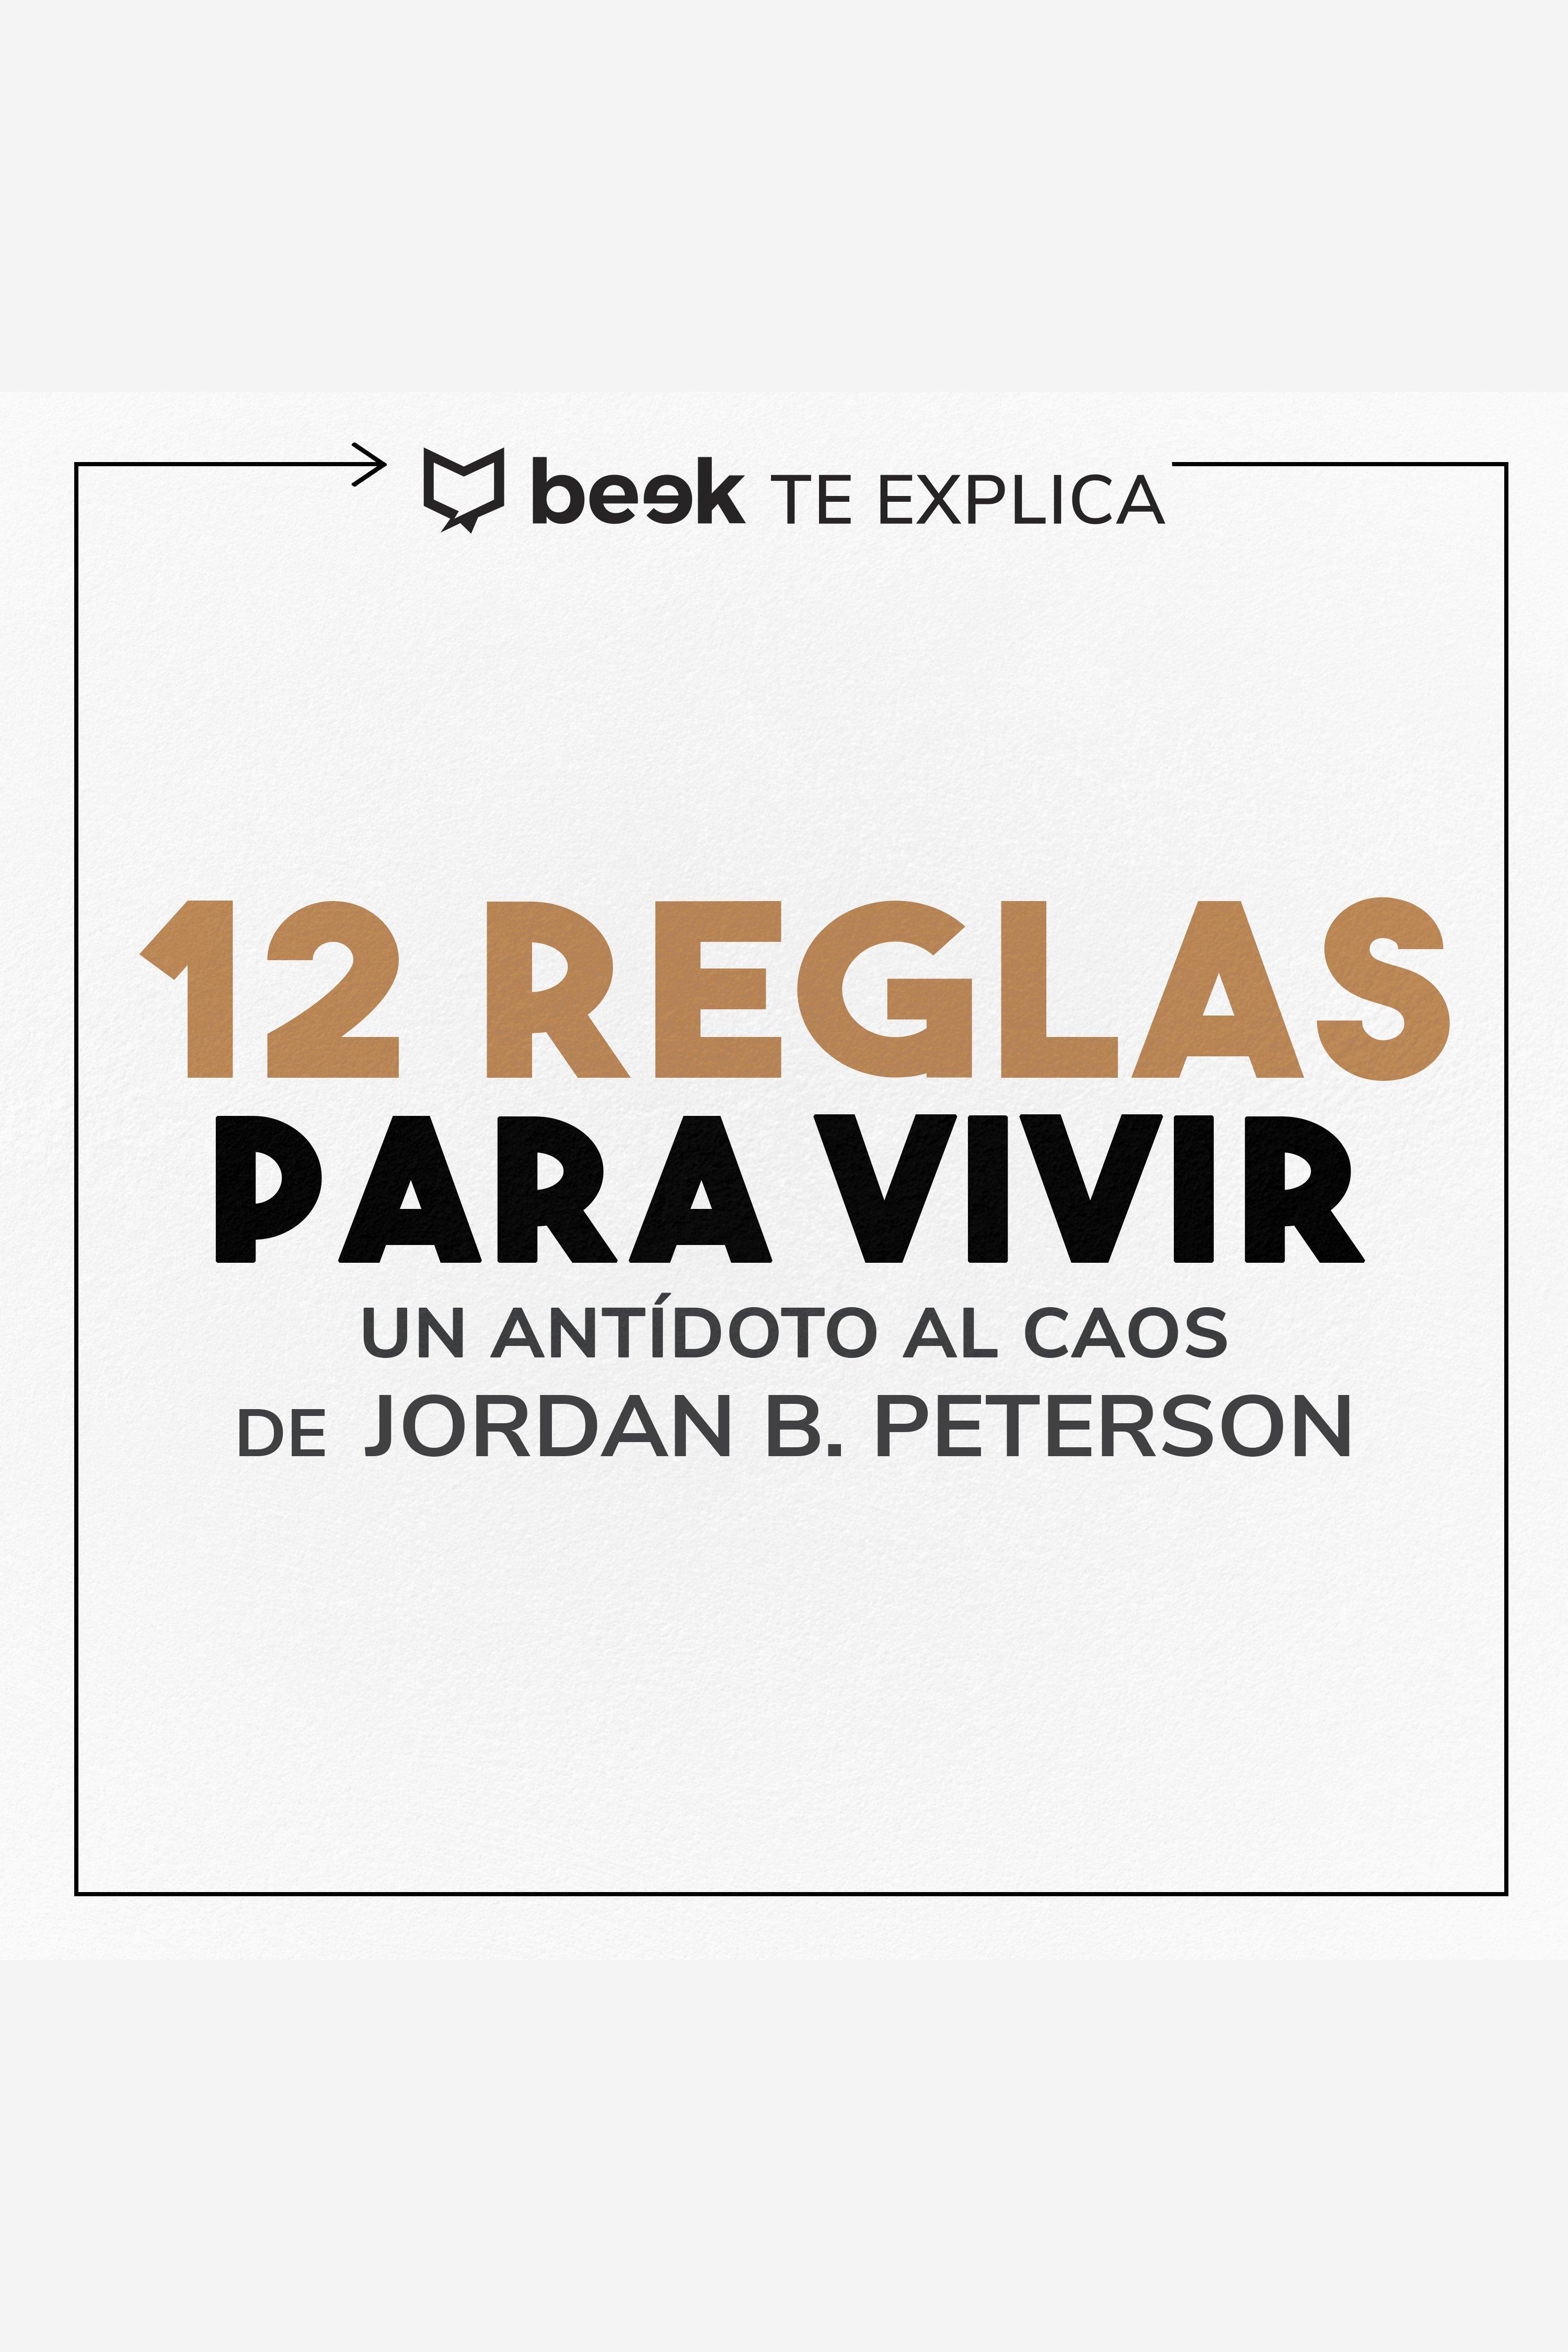 Esta es la portada del audiolibro 12 reglas para vivir… Beek te explica